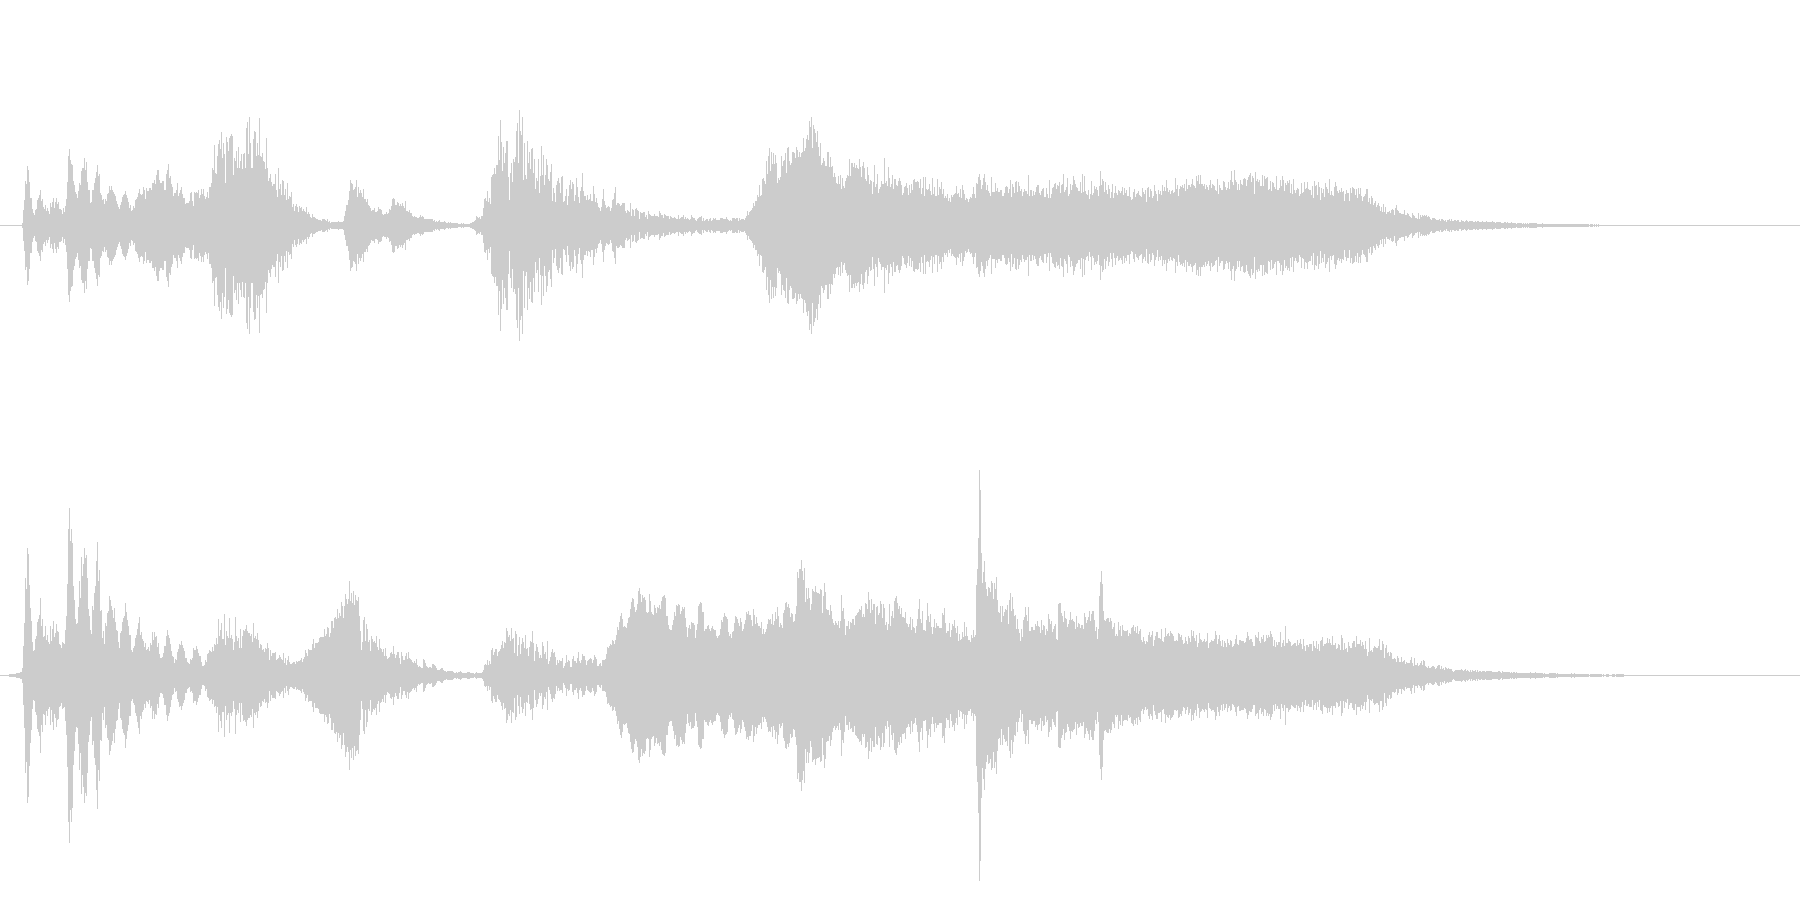 ホラー系の効果音の未再生の波形